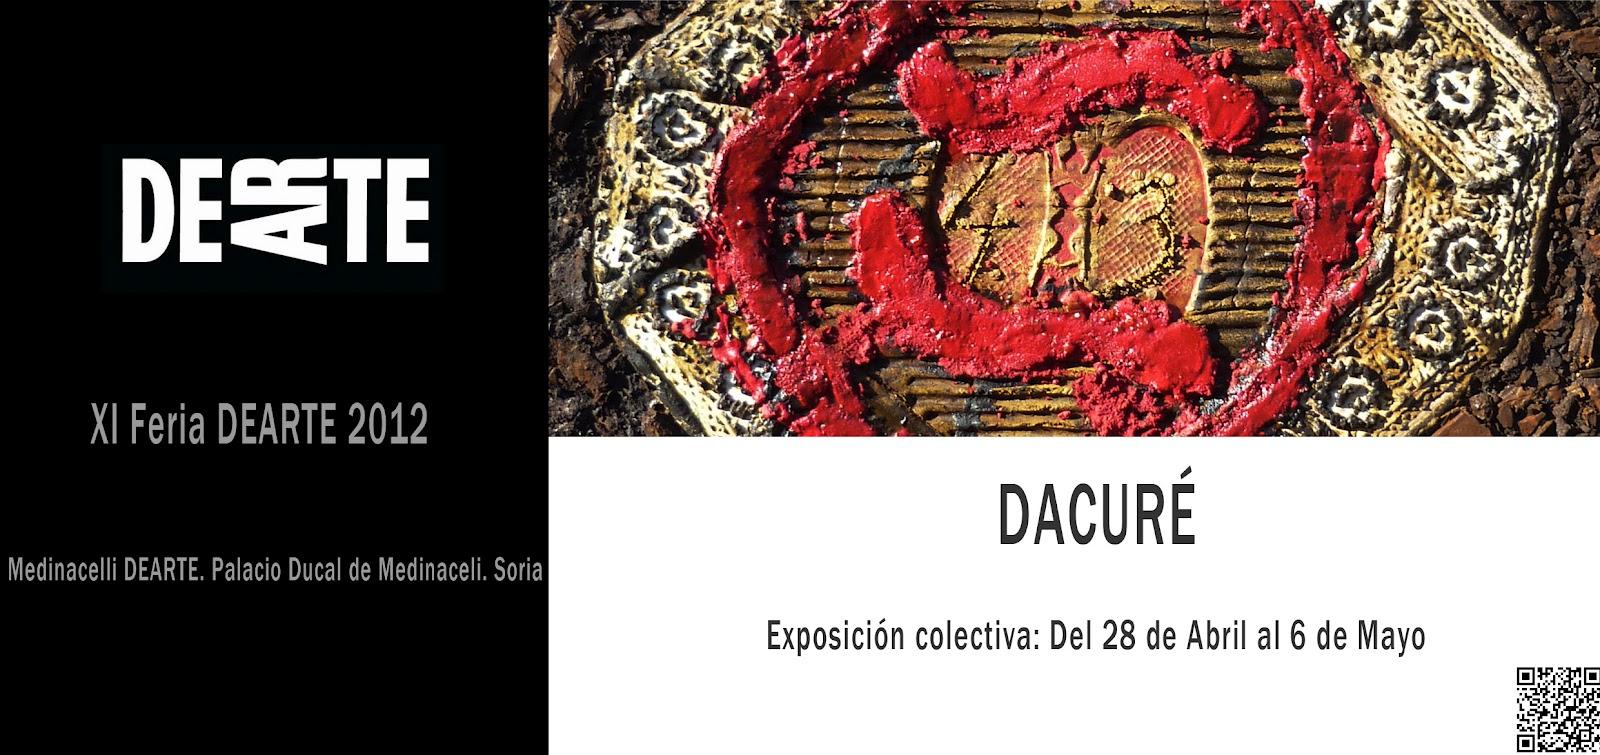 Dacur arte contemporaneo abril 2012 for Que quiere decir contemporaneo